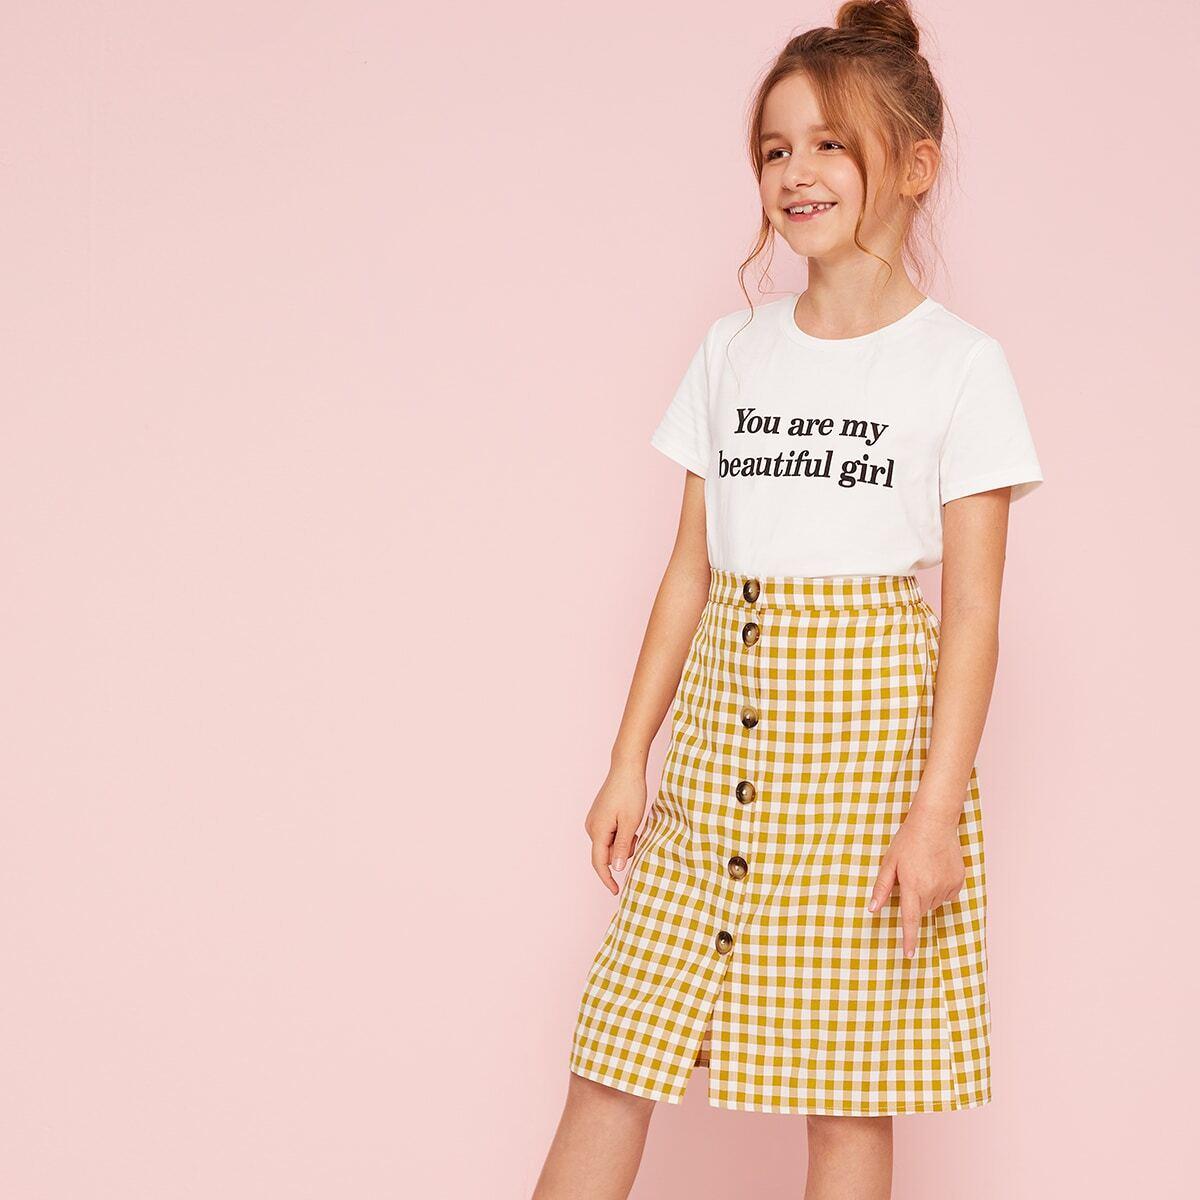 SHEIN / Mädchen T-Shirt mit Buchstaben Grafik & Rock mit Knöpfen und Karo Muster Set